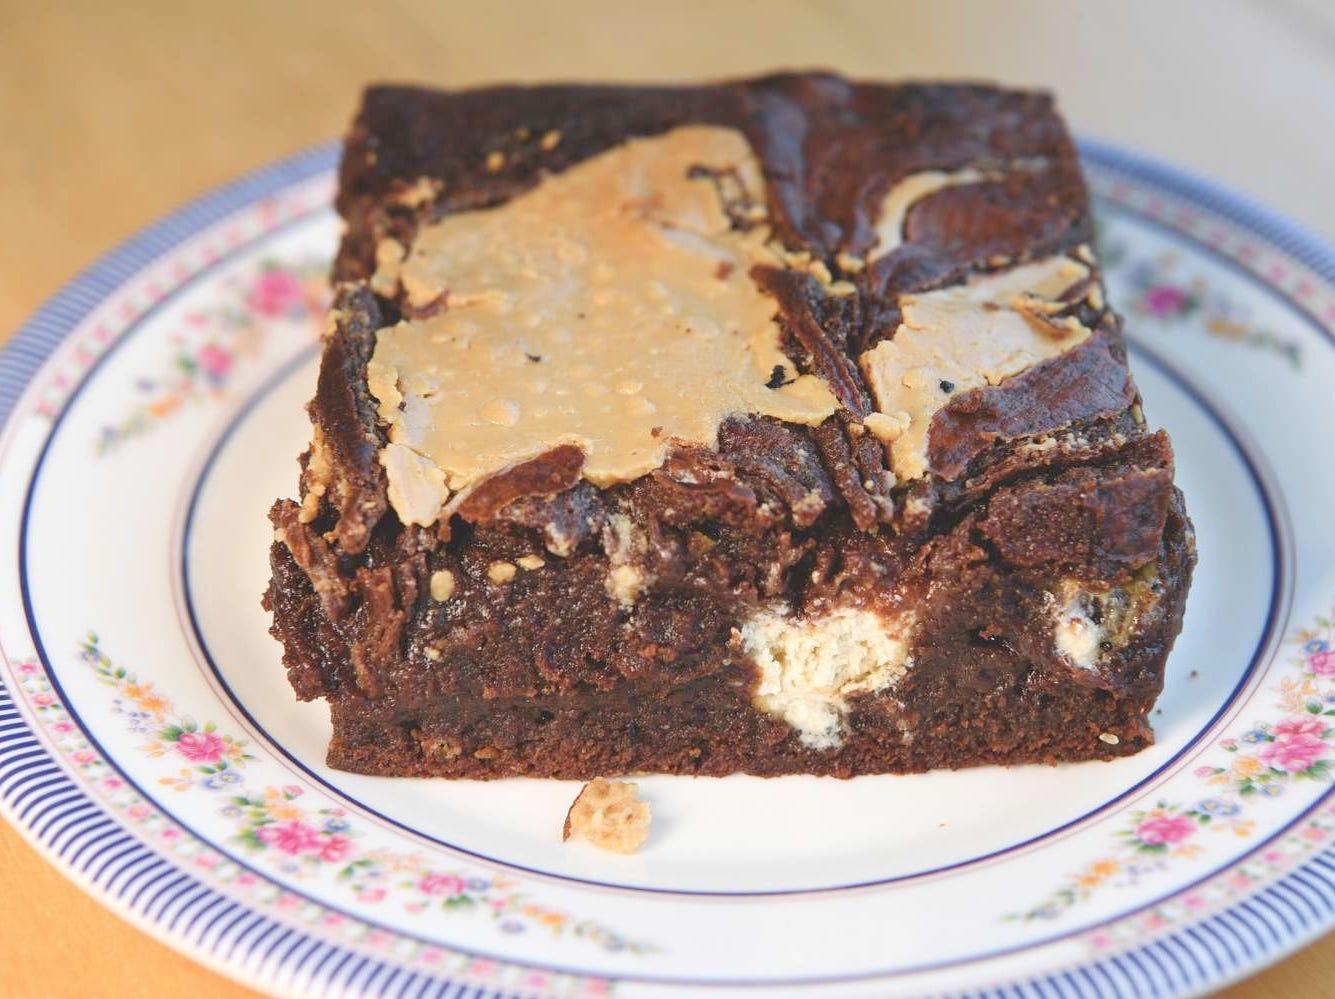 The super-moist Halva Tahini Brownie